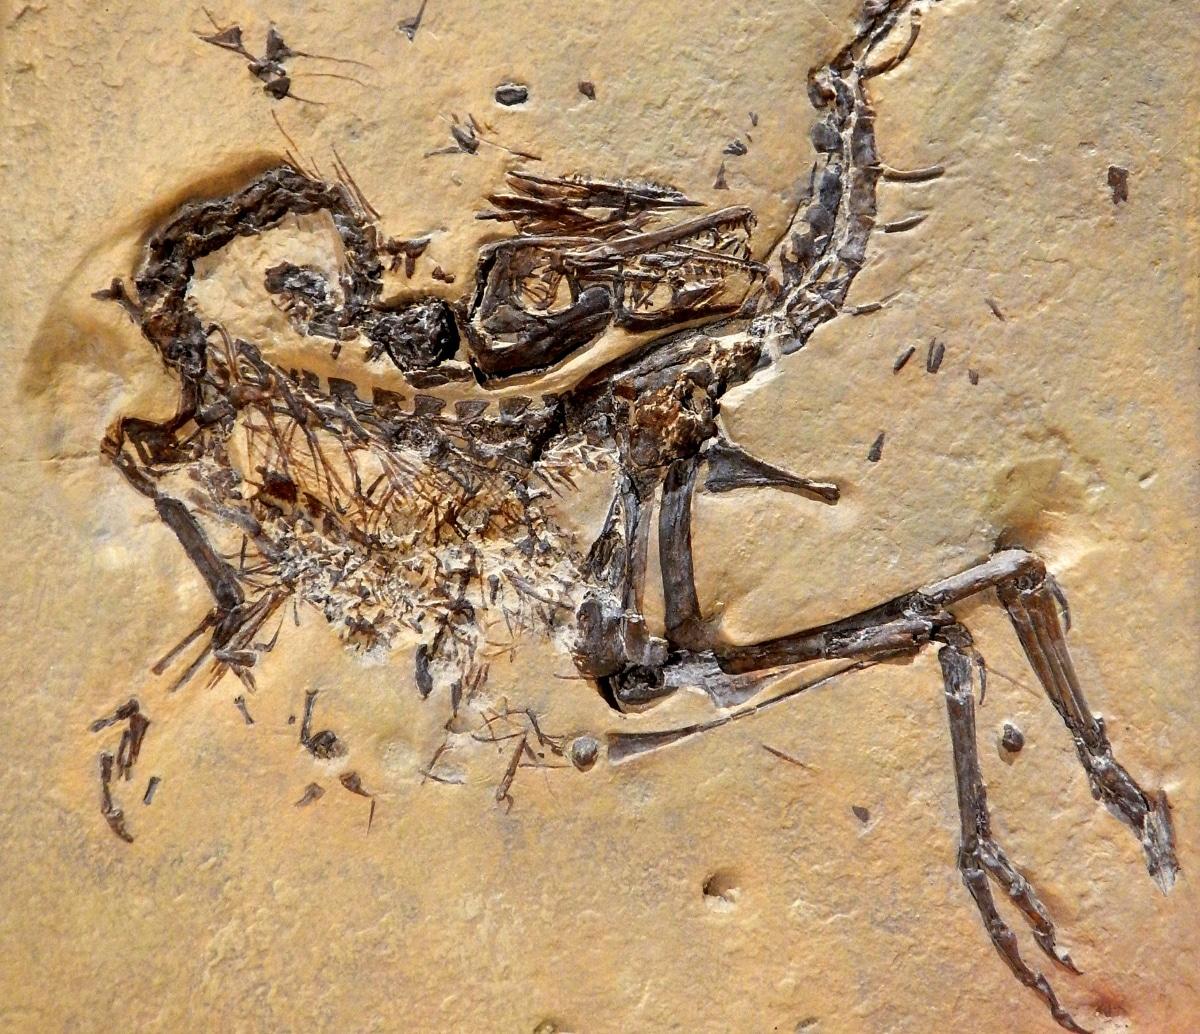 Los esqueletos de Compsognathus encontrados están en muy buen estado de conservación